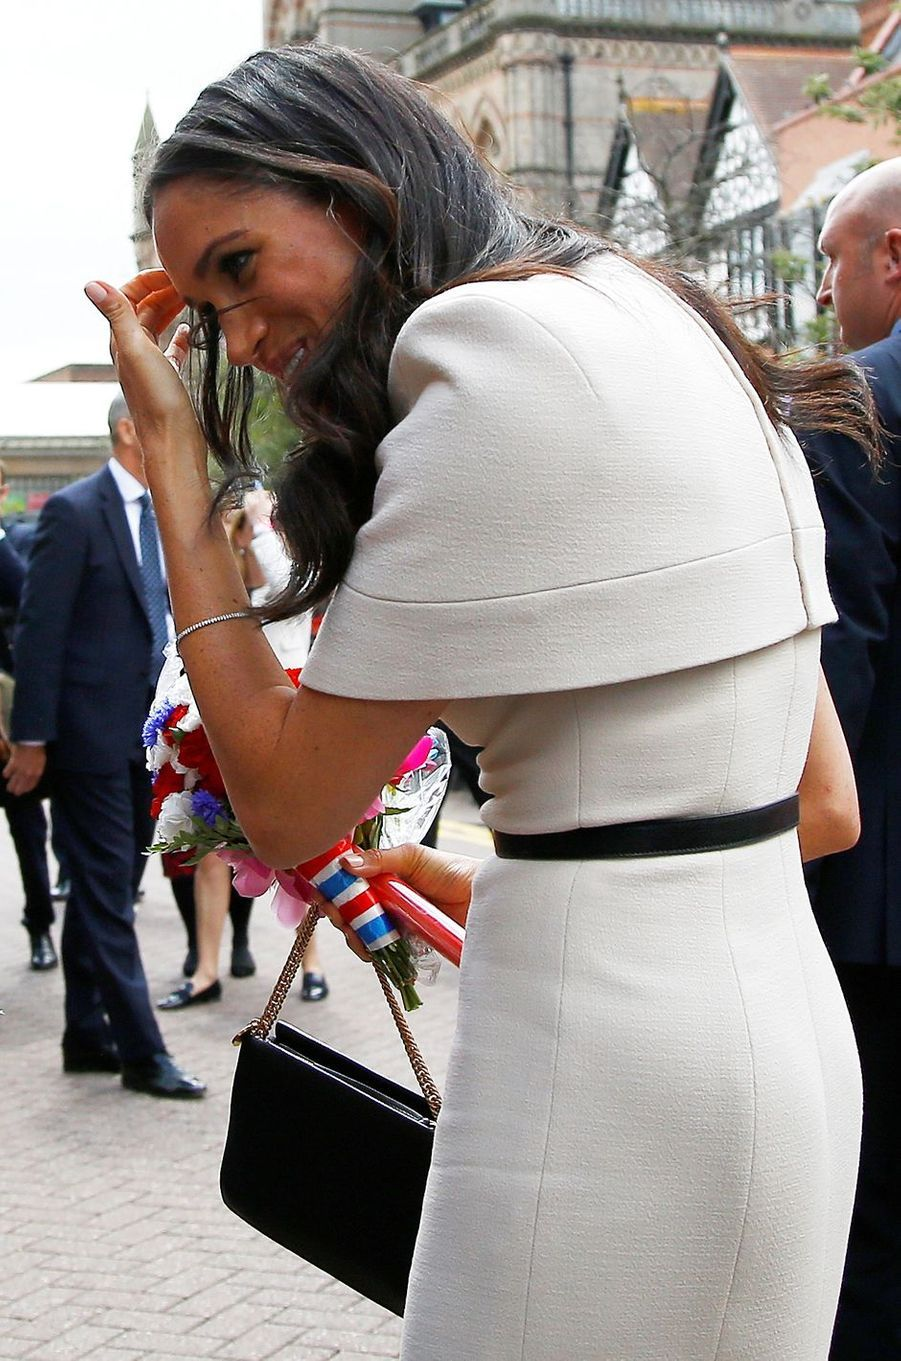 Détail de la robe-cape Givenchy de Meghan Markle, dans le Cheshire le 14 juin 2018